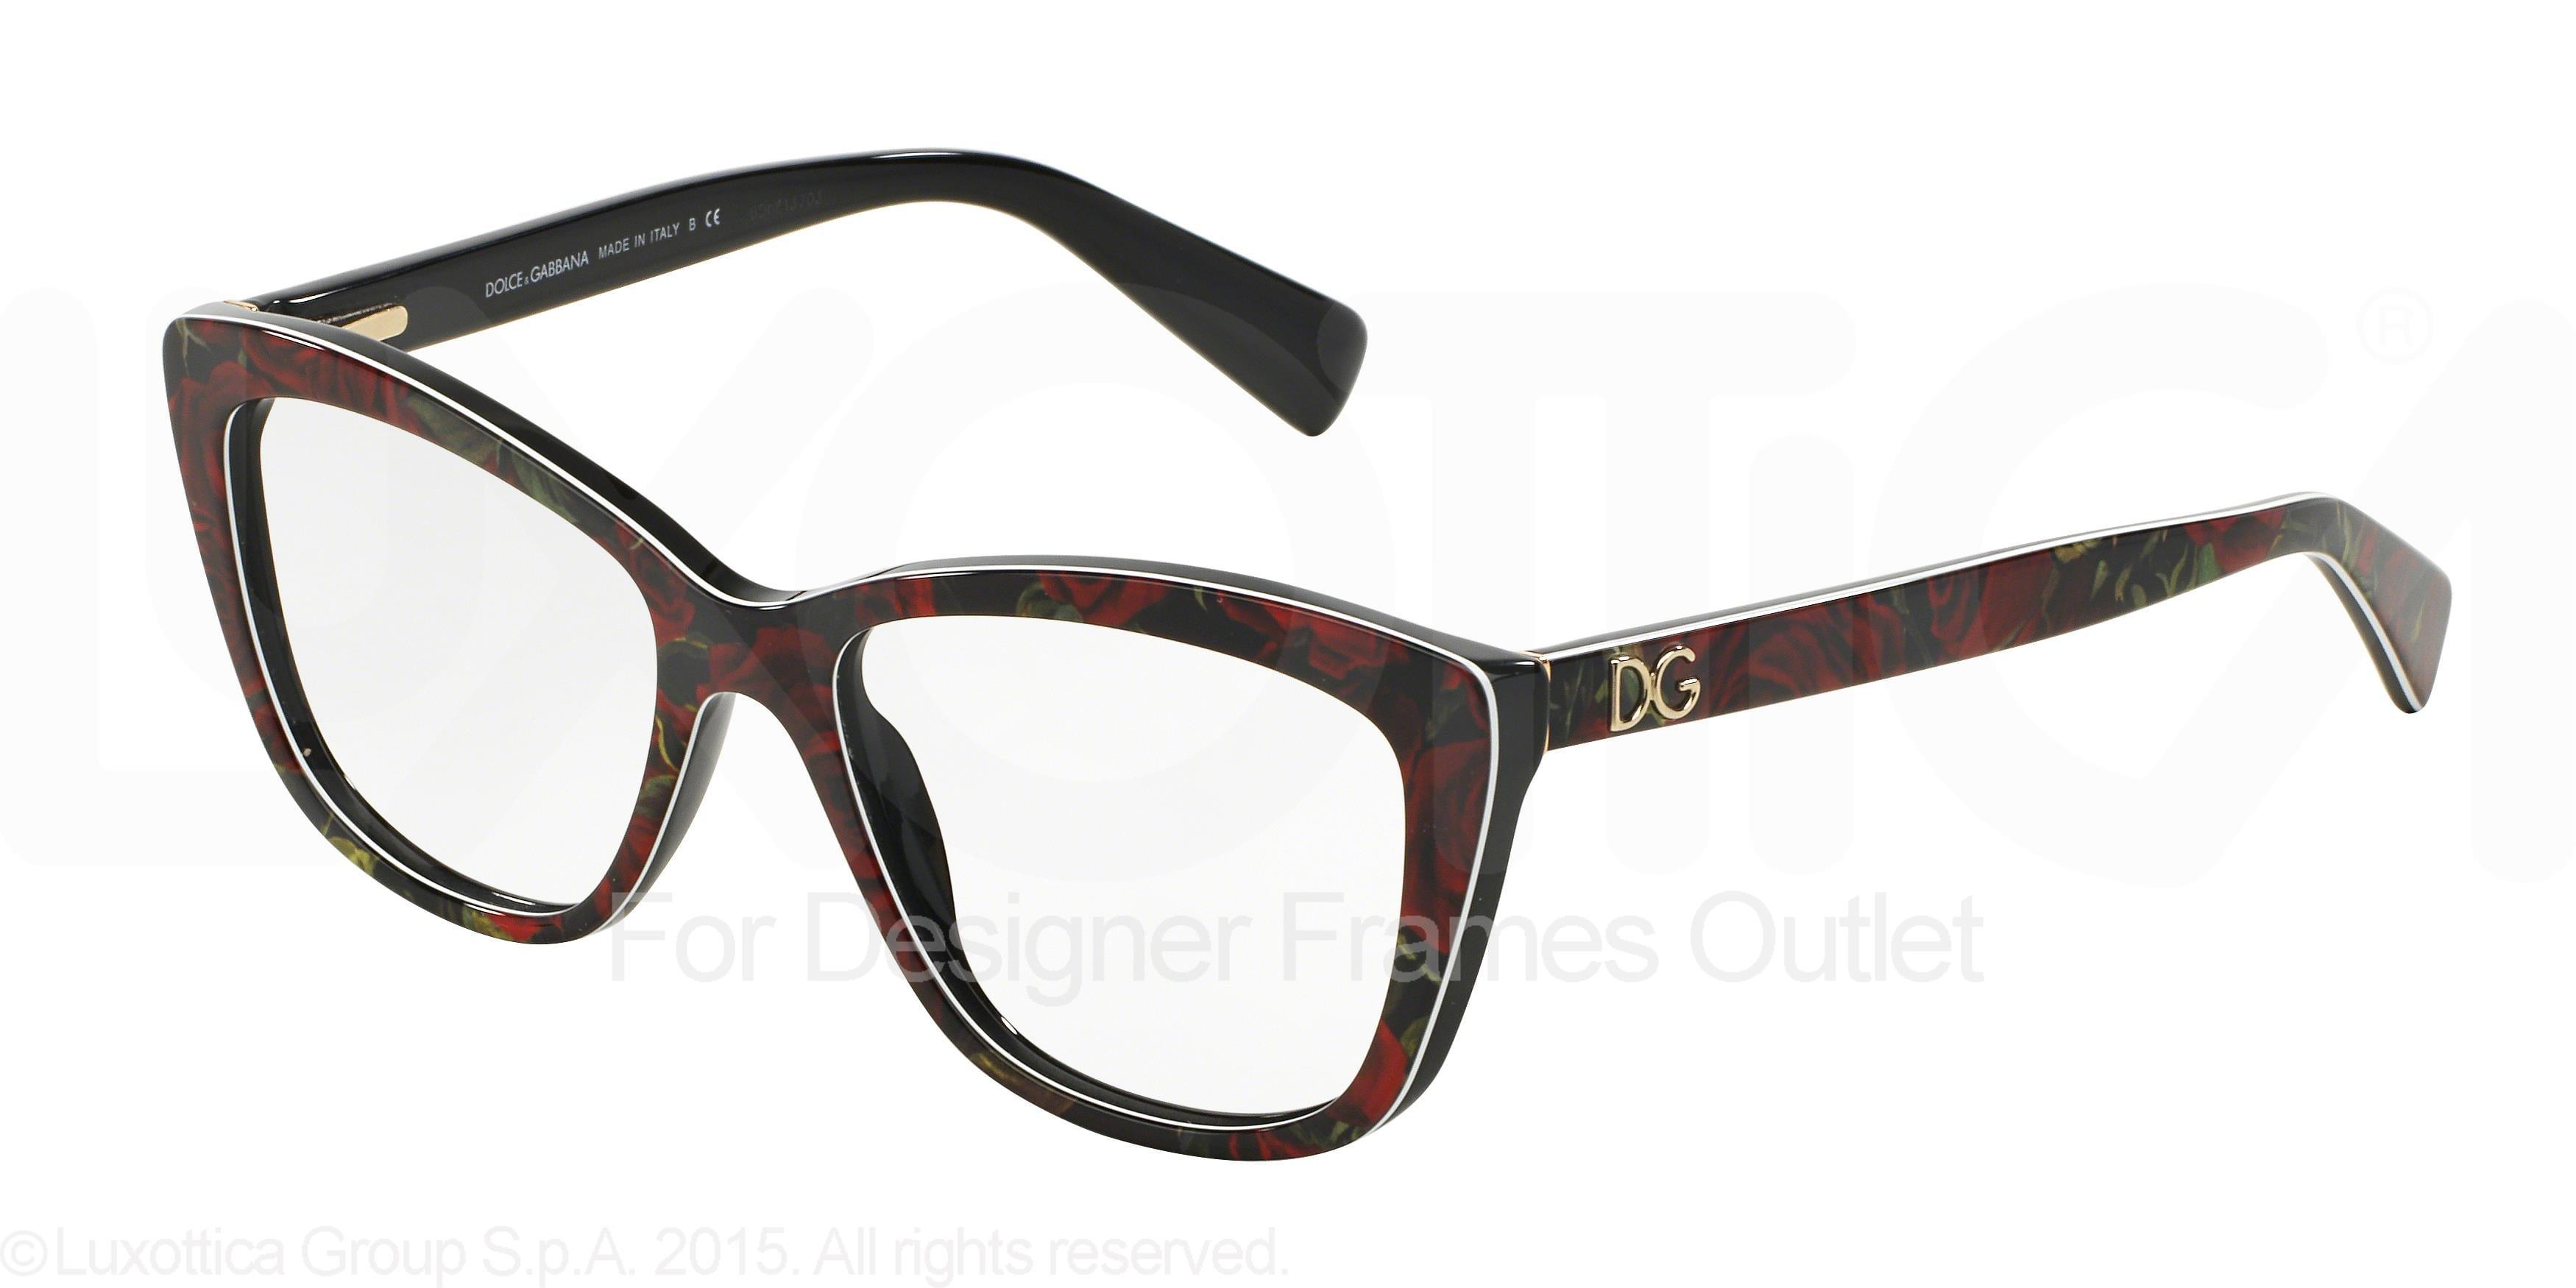 DOLCE & GABBANA Eyeglasses DG 3190 2938 Printing Roses On Black 52MM ...